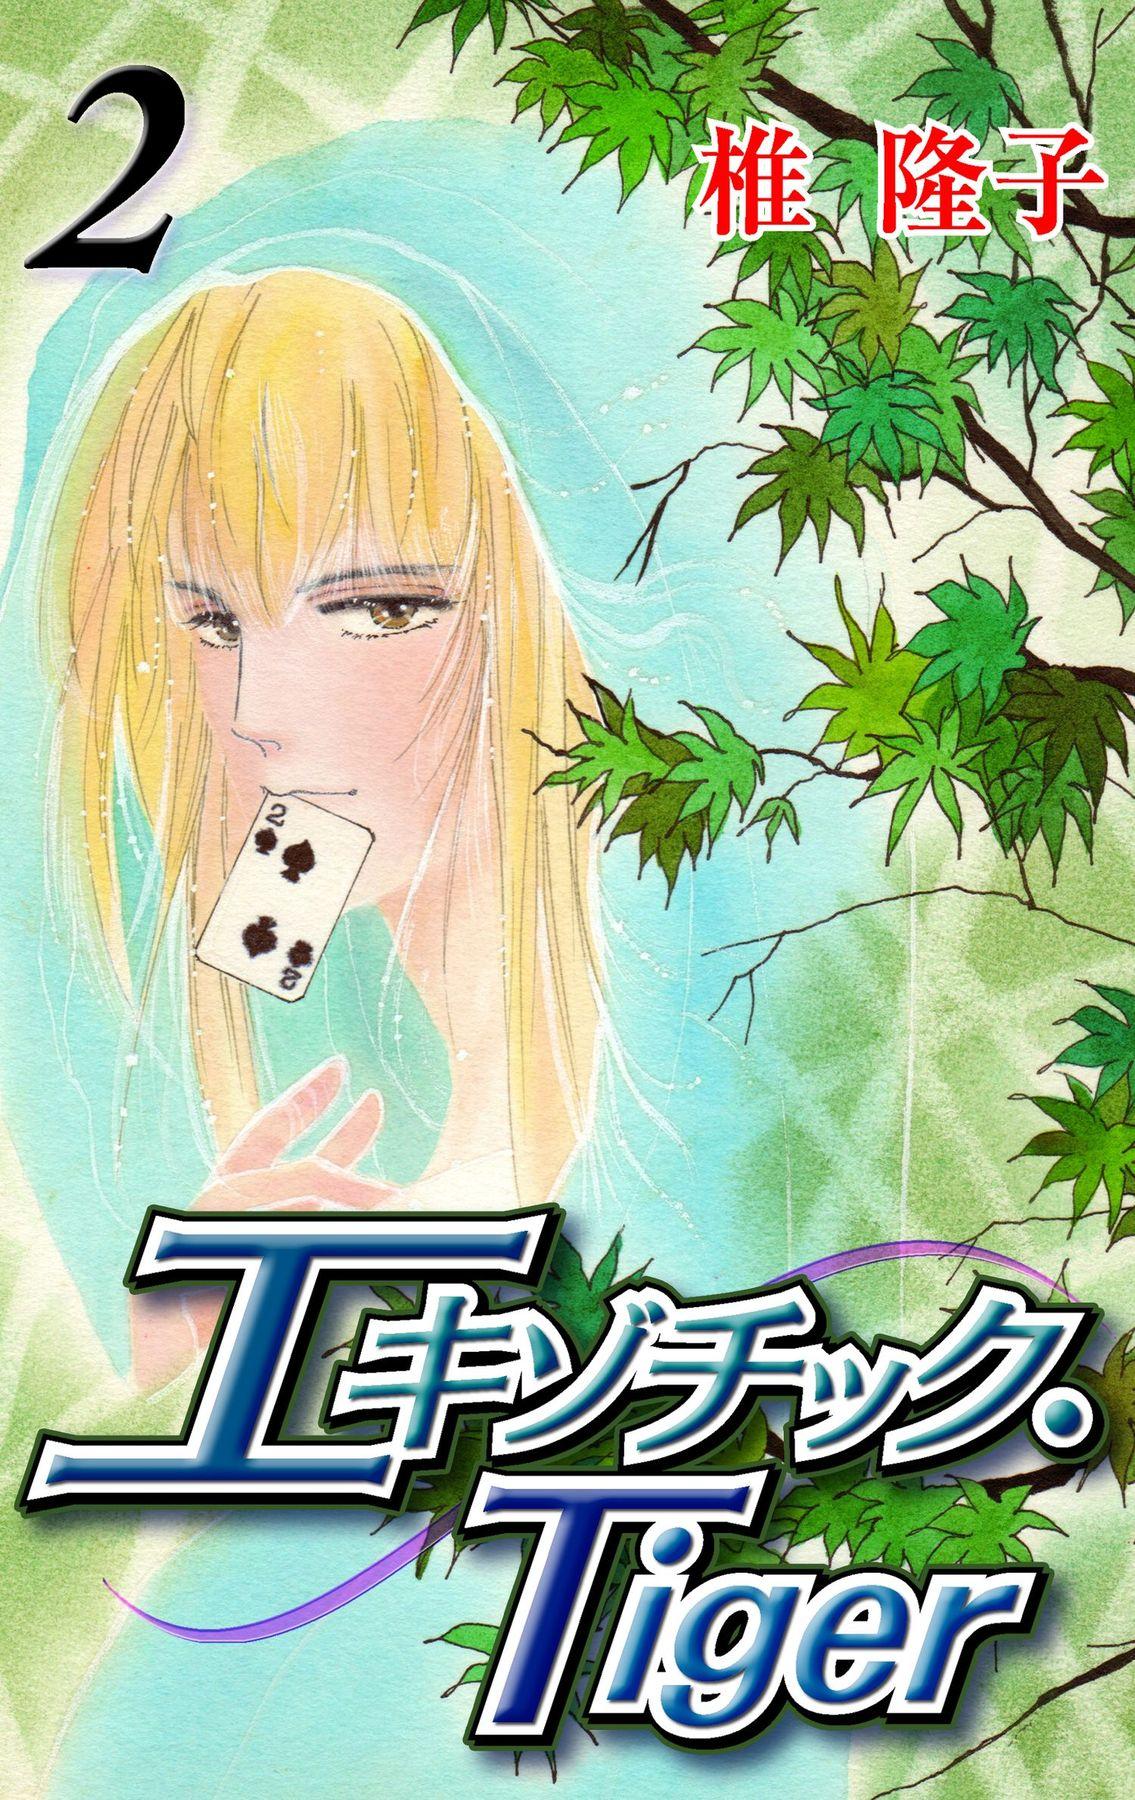 エキゾチック・Tiger(第2巻)